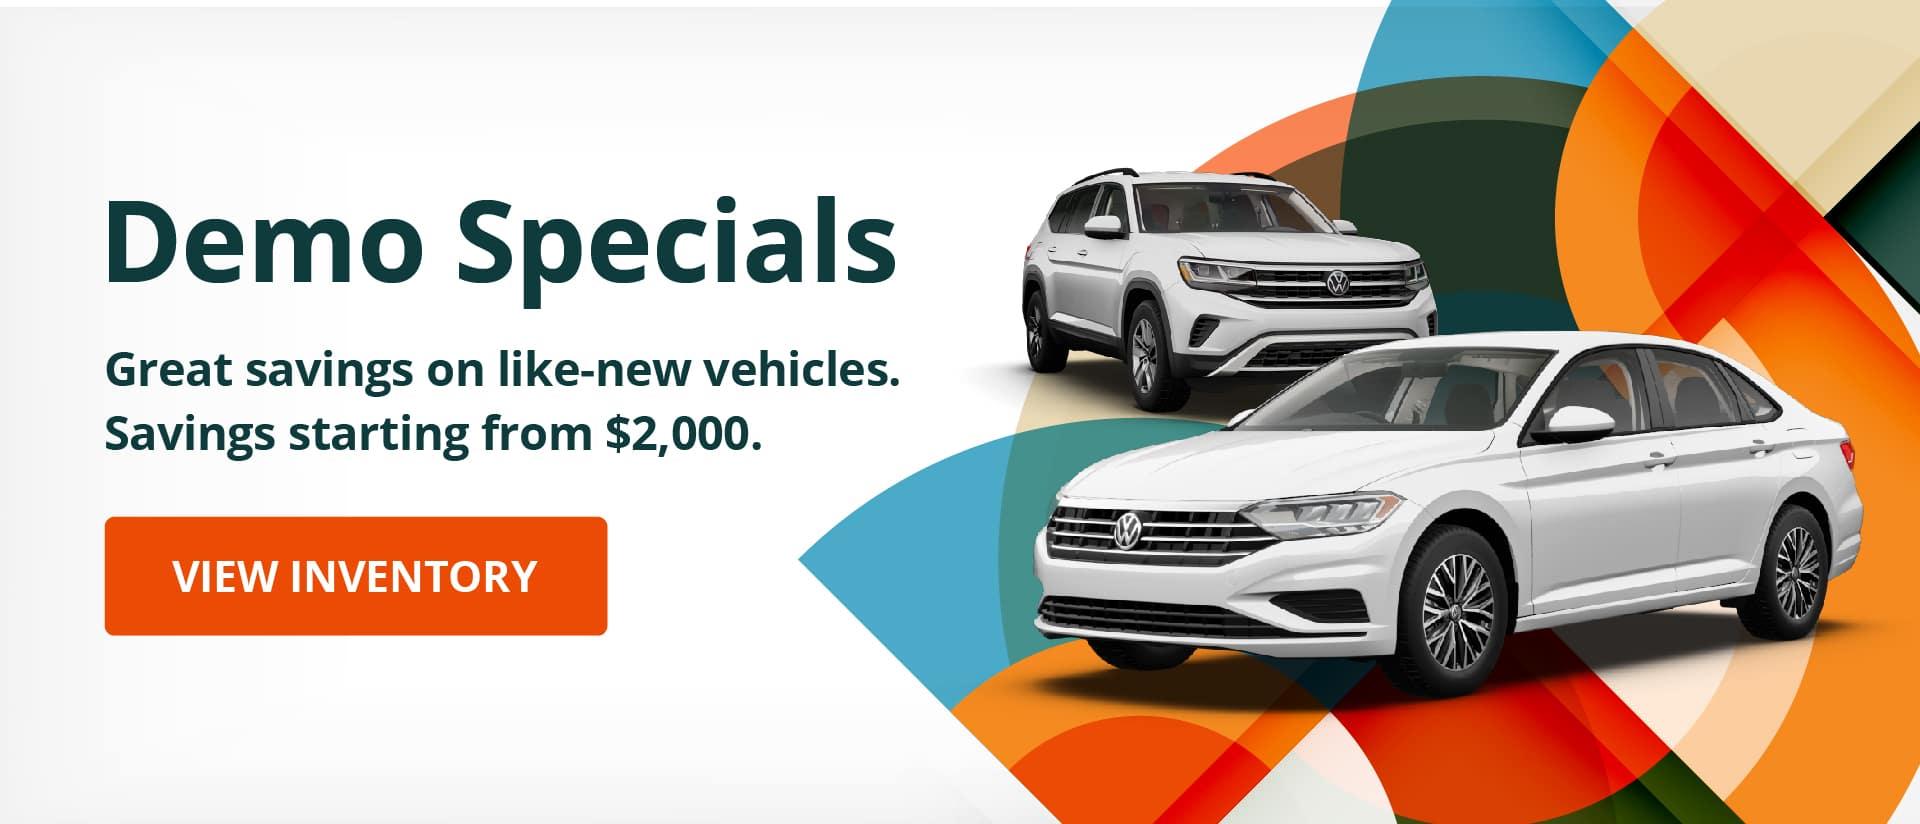 Volkswagen Demo Special desktop banner